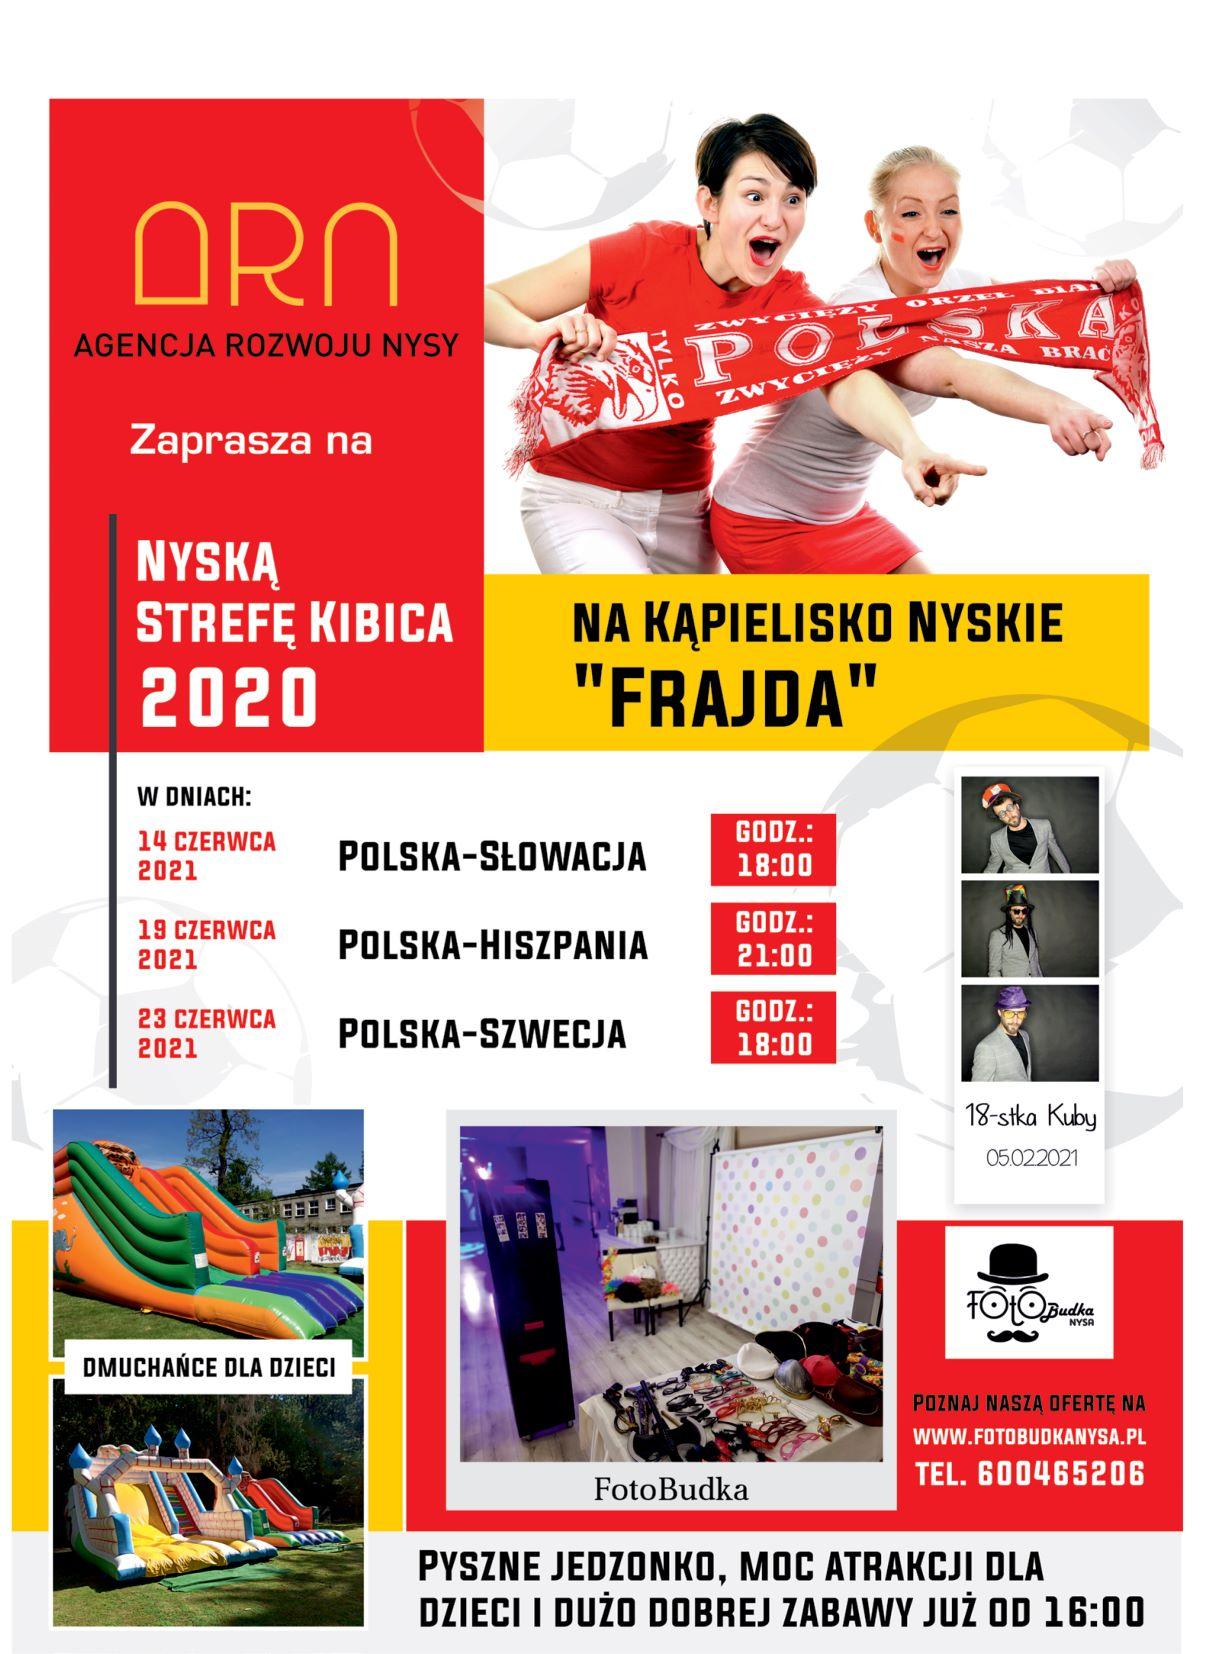 Rusza nyska strefa kibica - Gmina Nysa